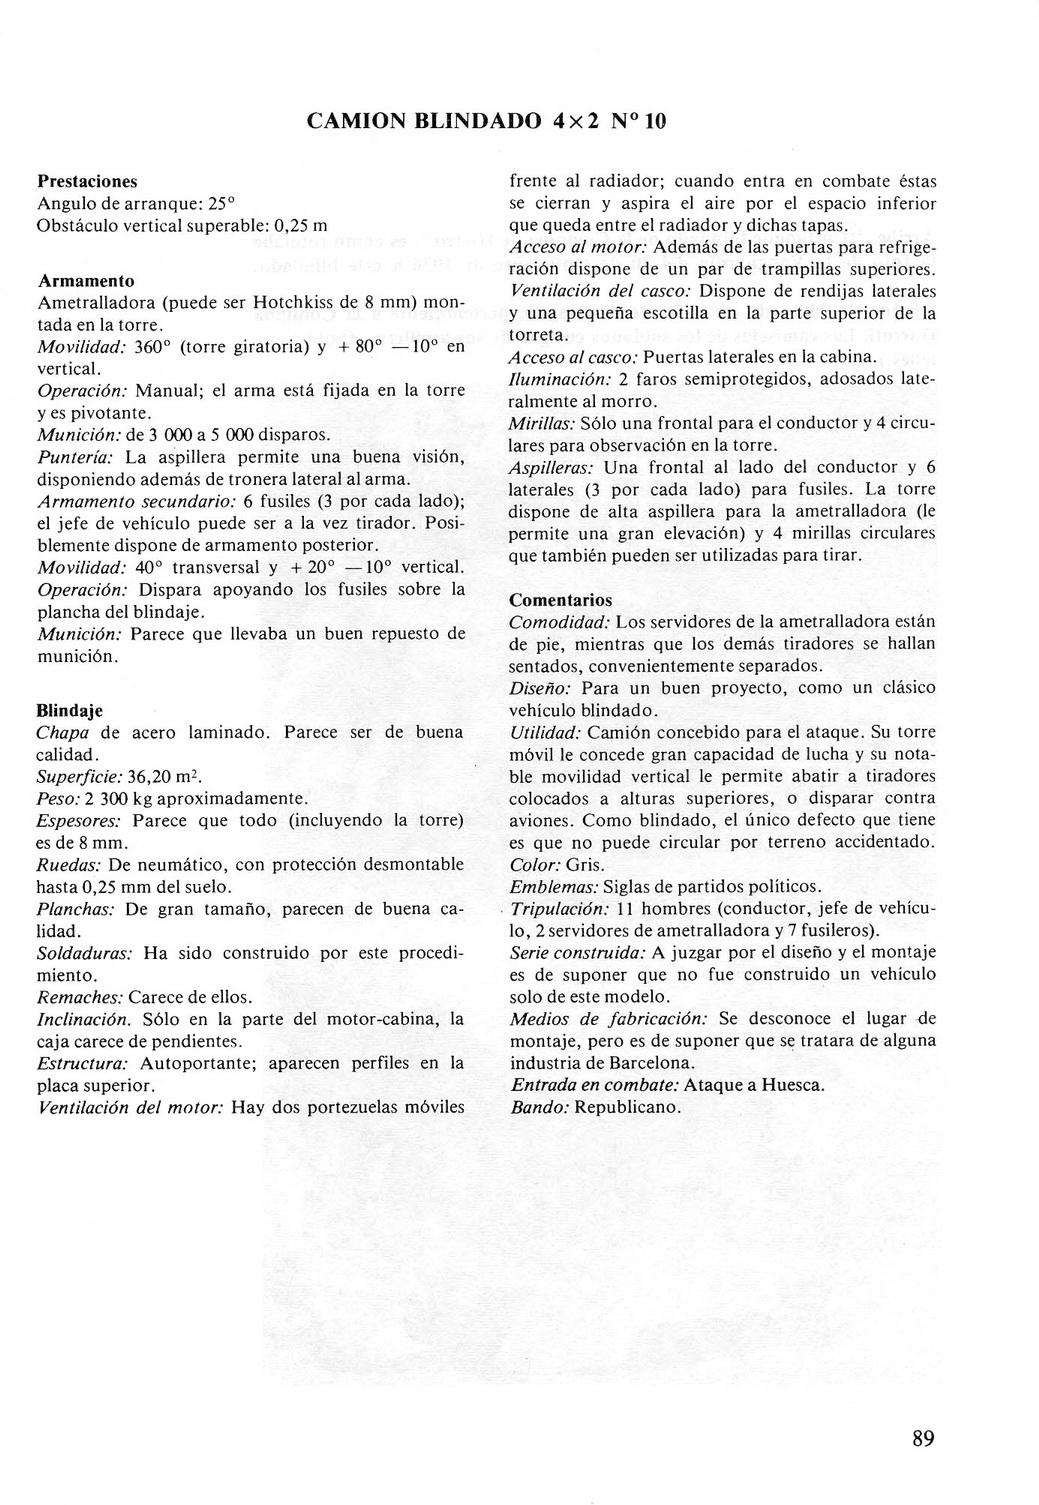 Carros De Combate Y Vehiculos Blindados De La Guerra 1936 1939 [F.C.Albert 1980]_Страница_087.jpg